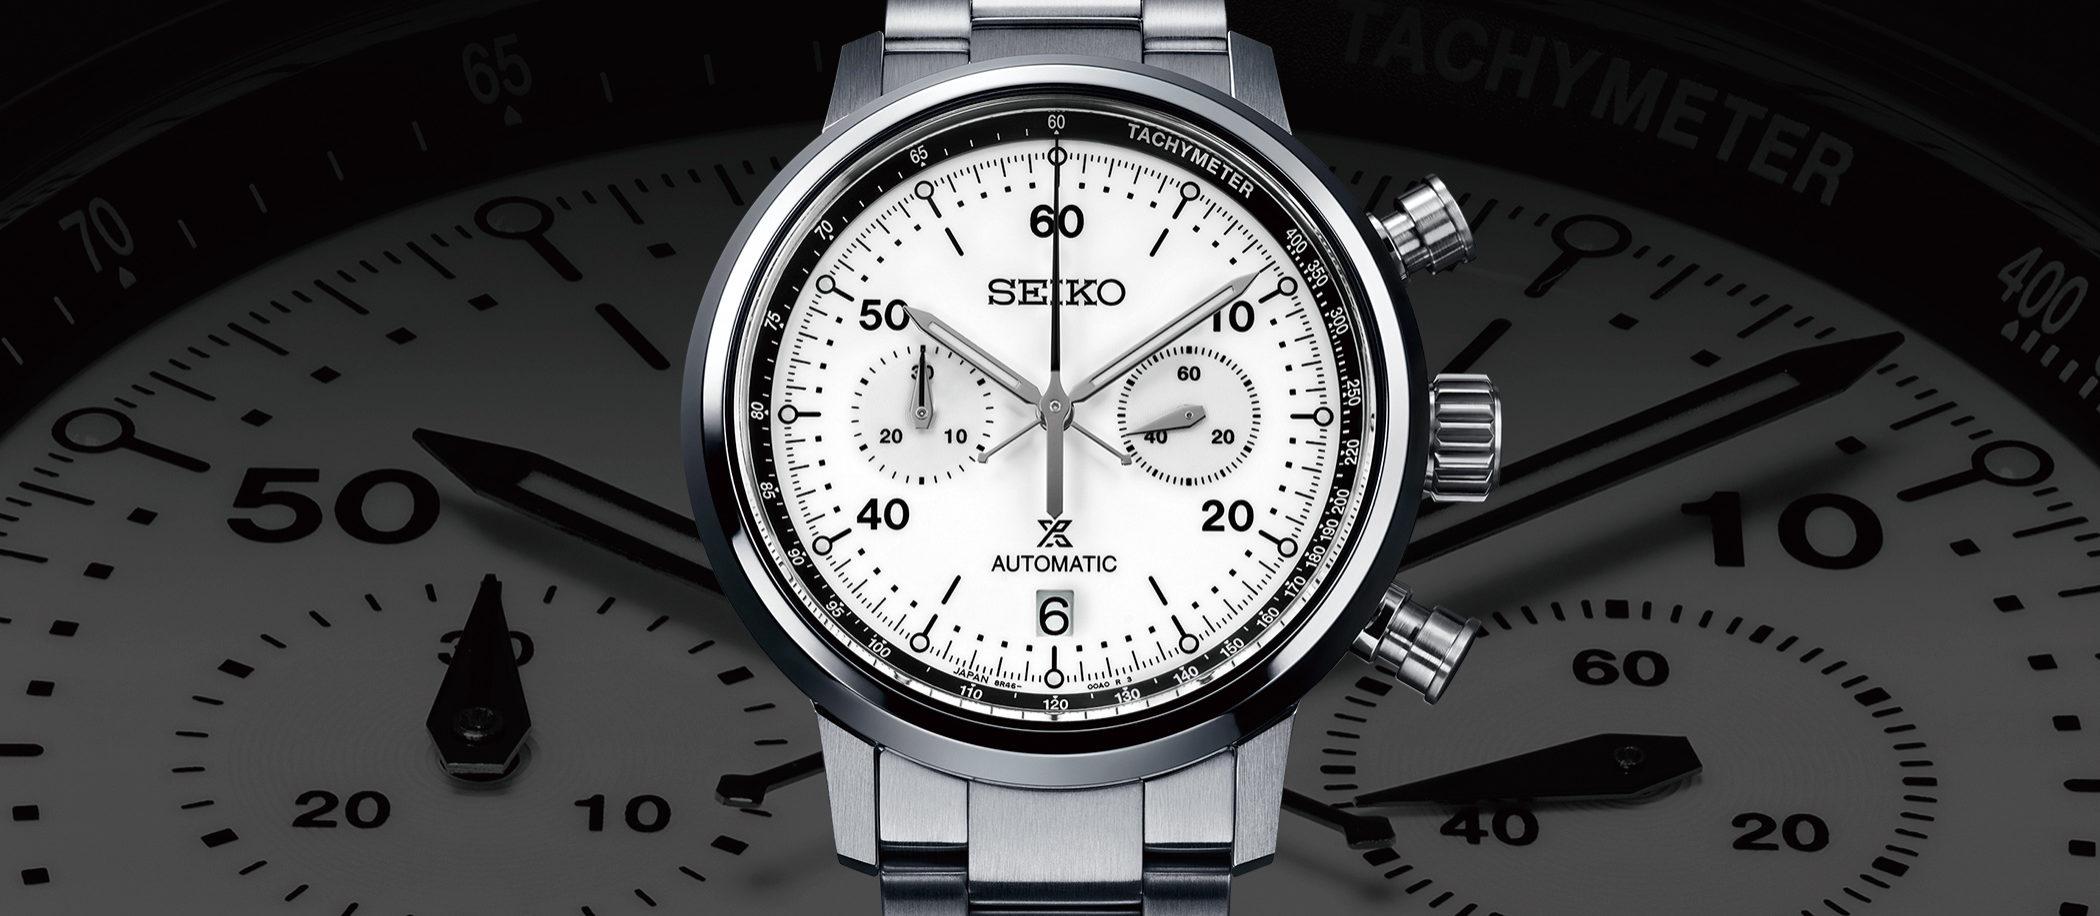 Seiko Speedtimer Chronograph